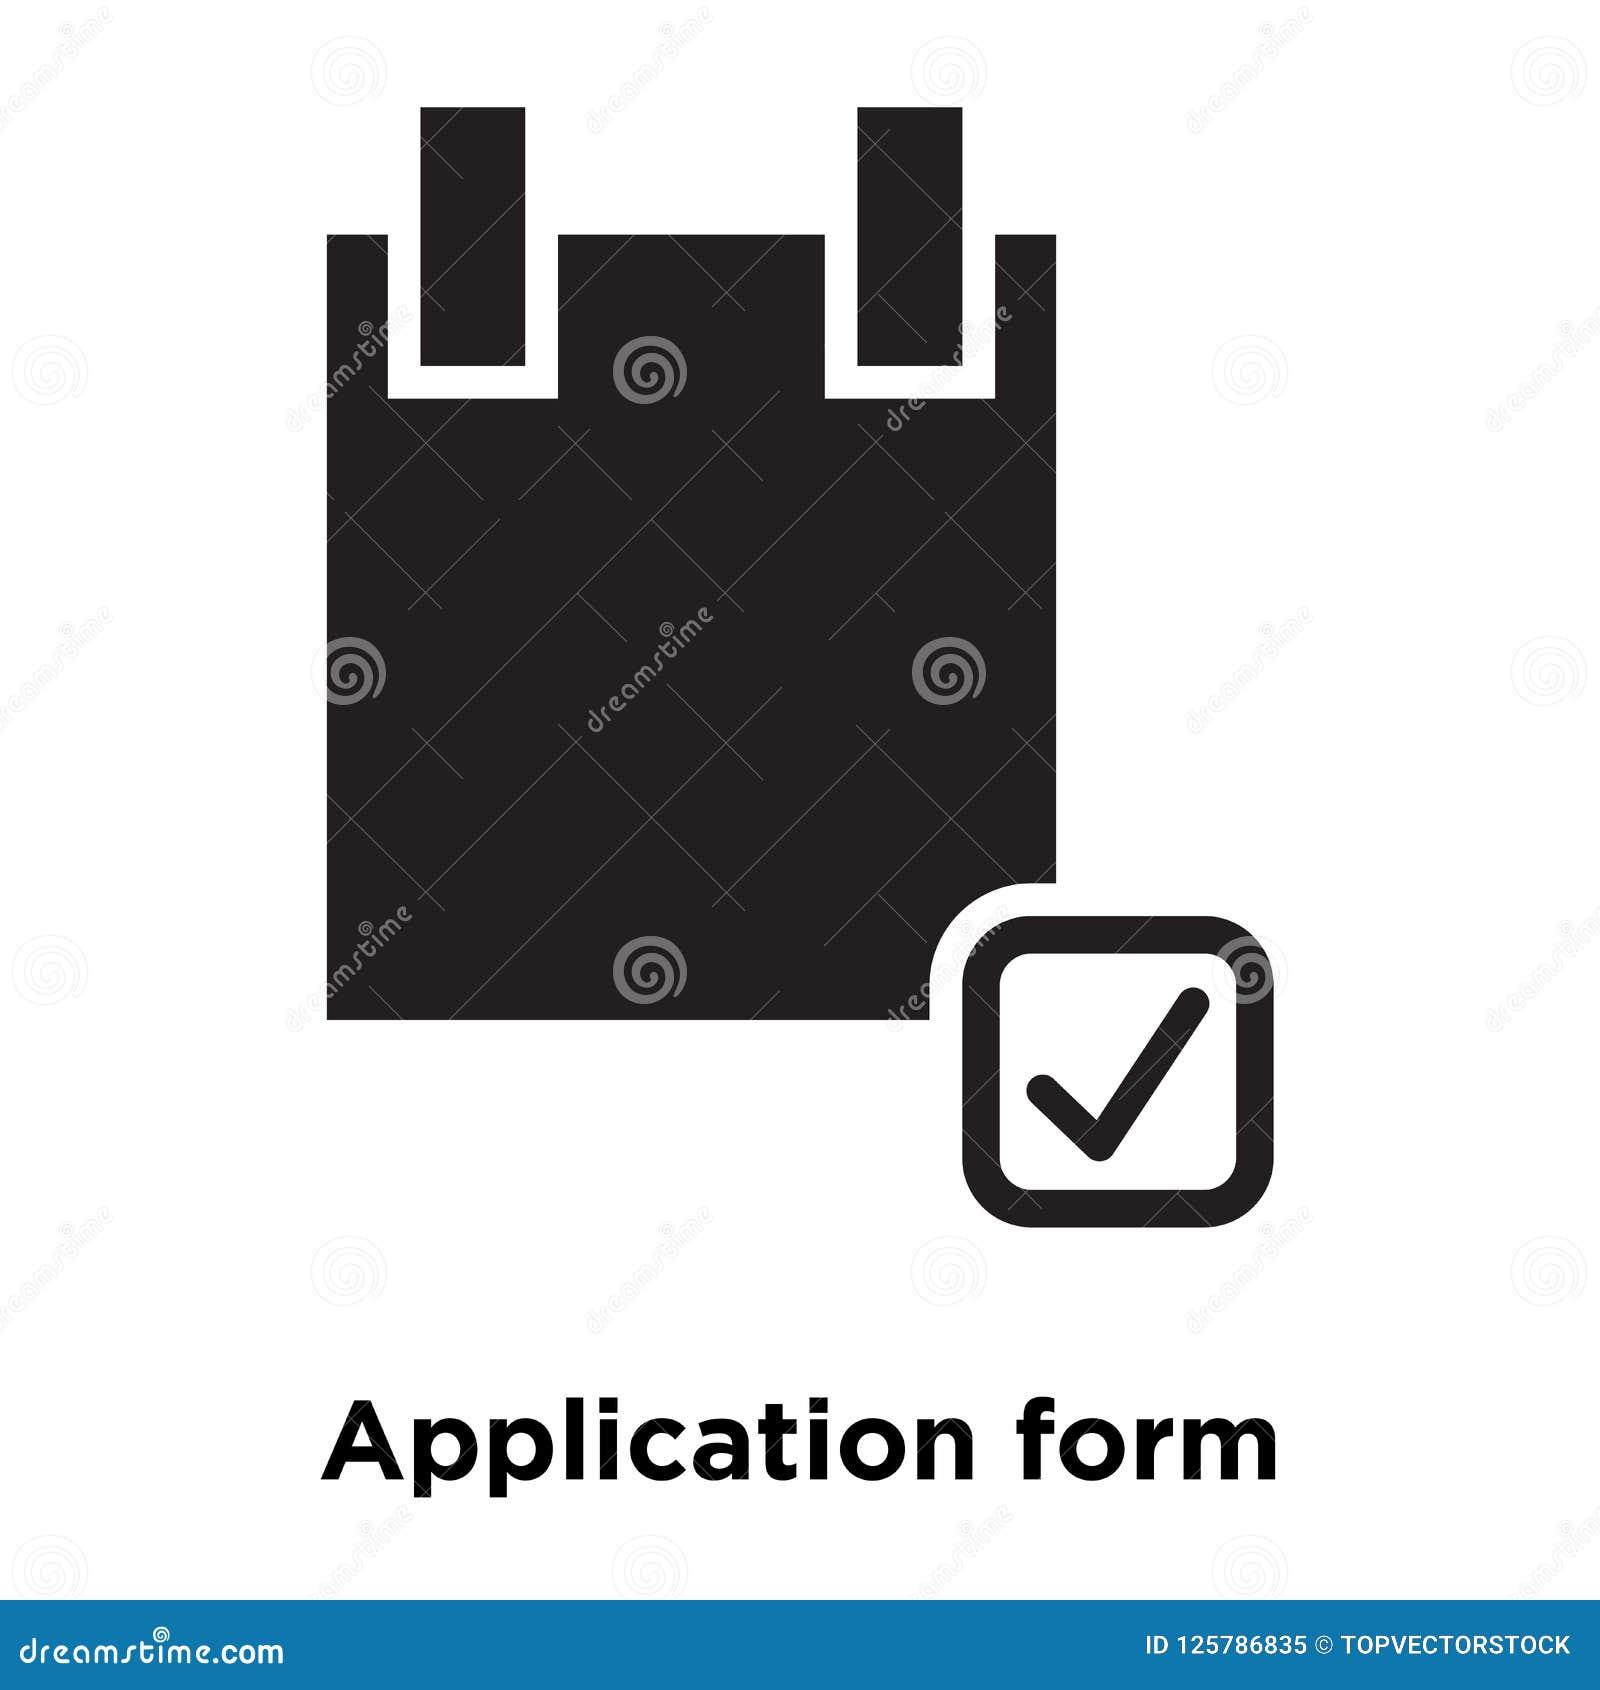 Διάνυσμα εικονιδίων αίτησης υποψηφιότητας που απομονώνεται στο άσπρο υπόβαθρο, λογότυπο